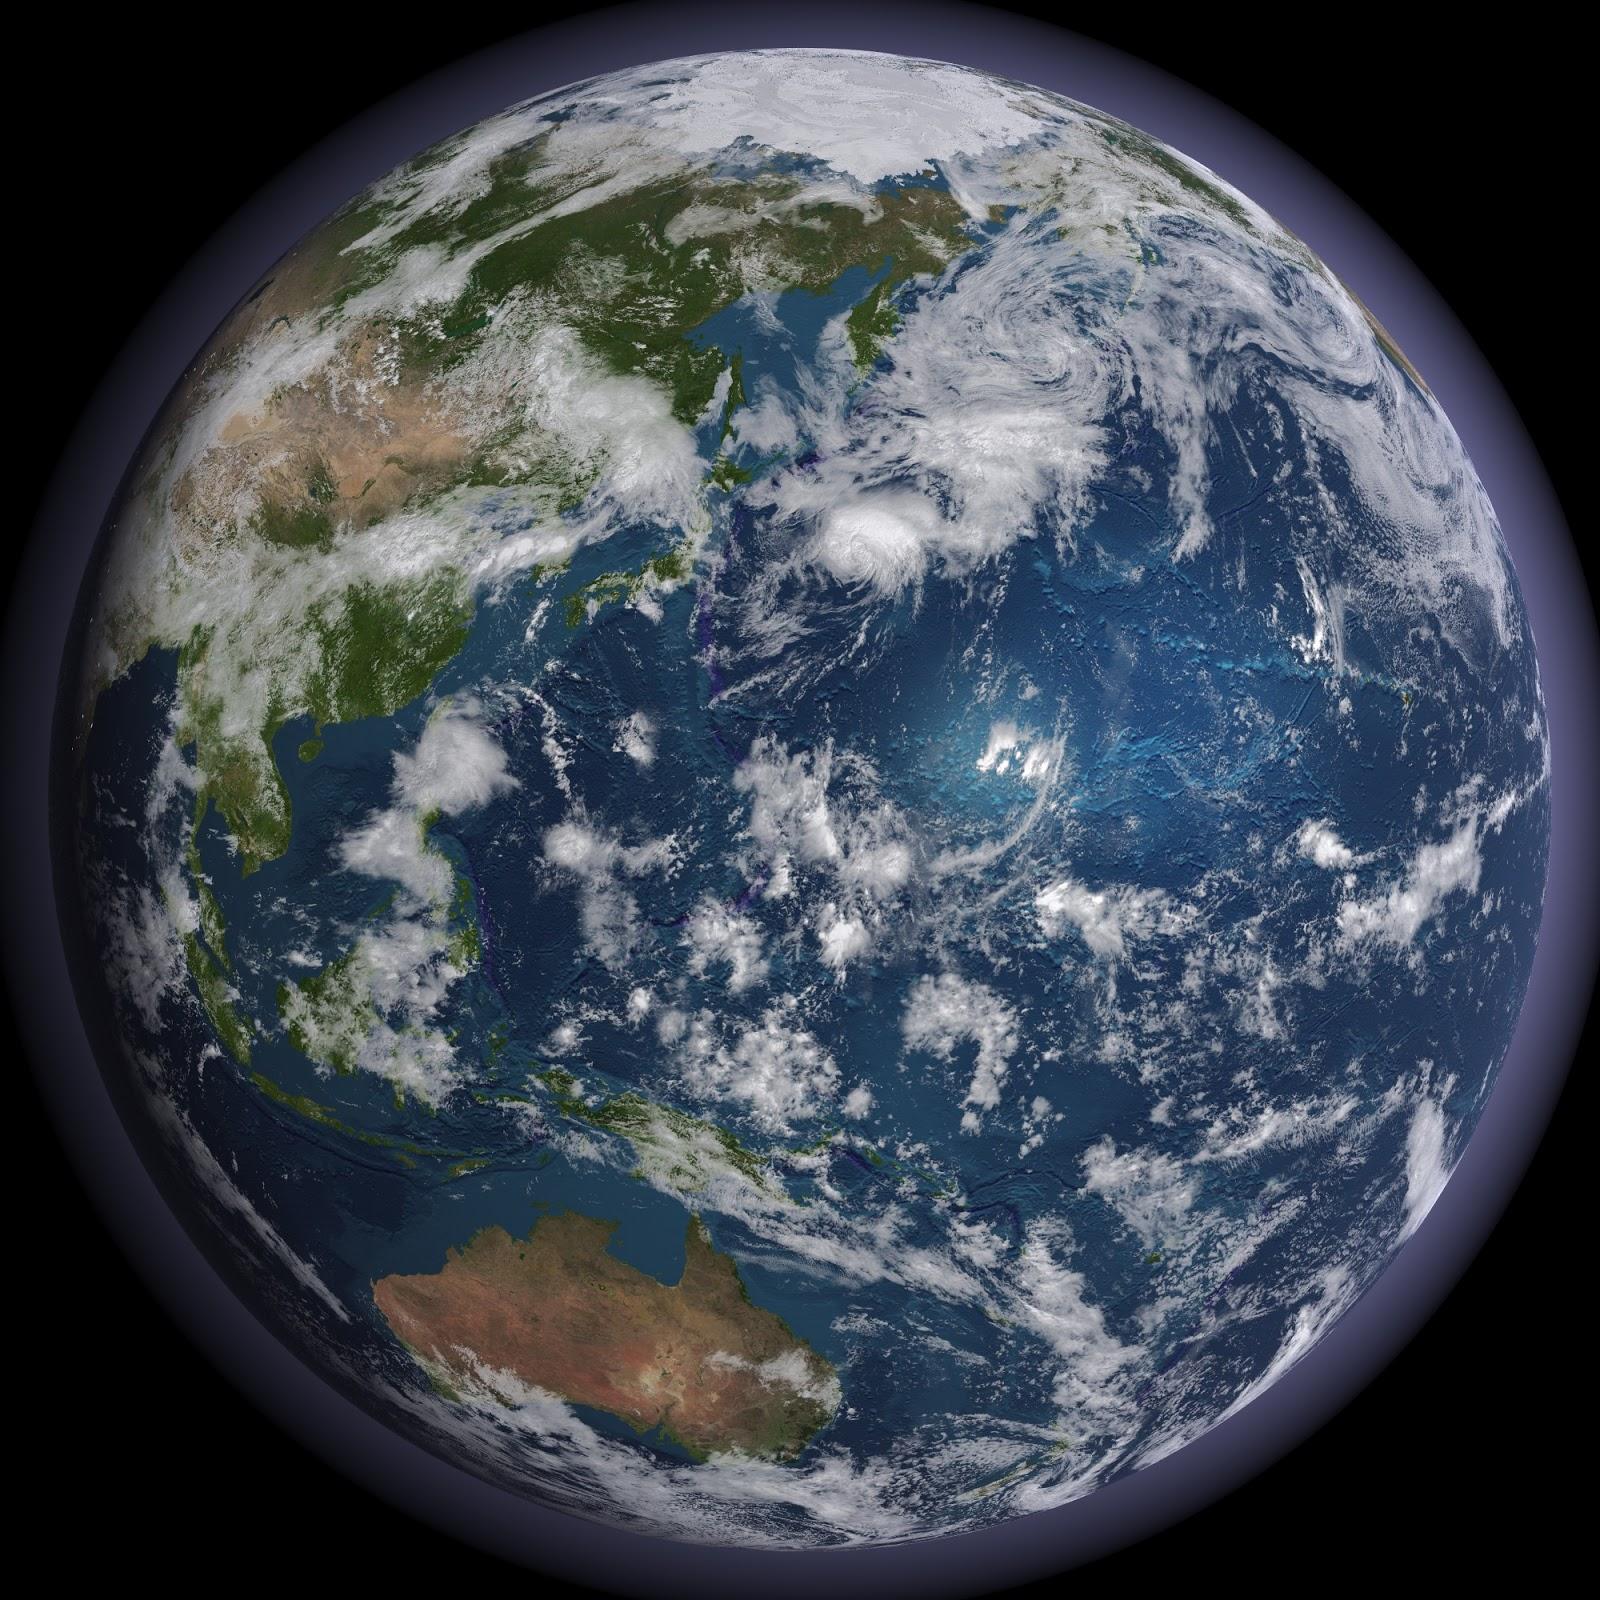 Perle nel tempo crescita spirituale acqua pianeta azzurro ricerca interiore